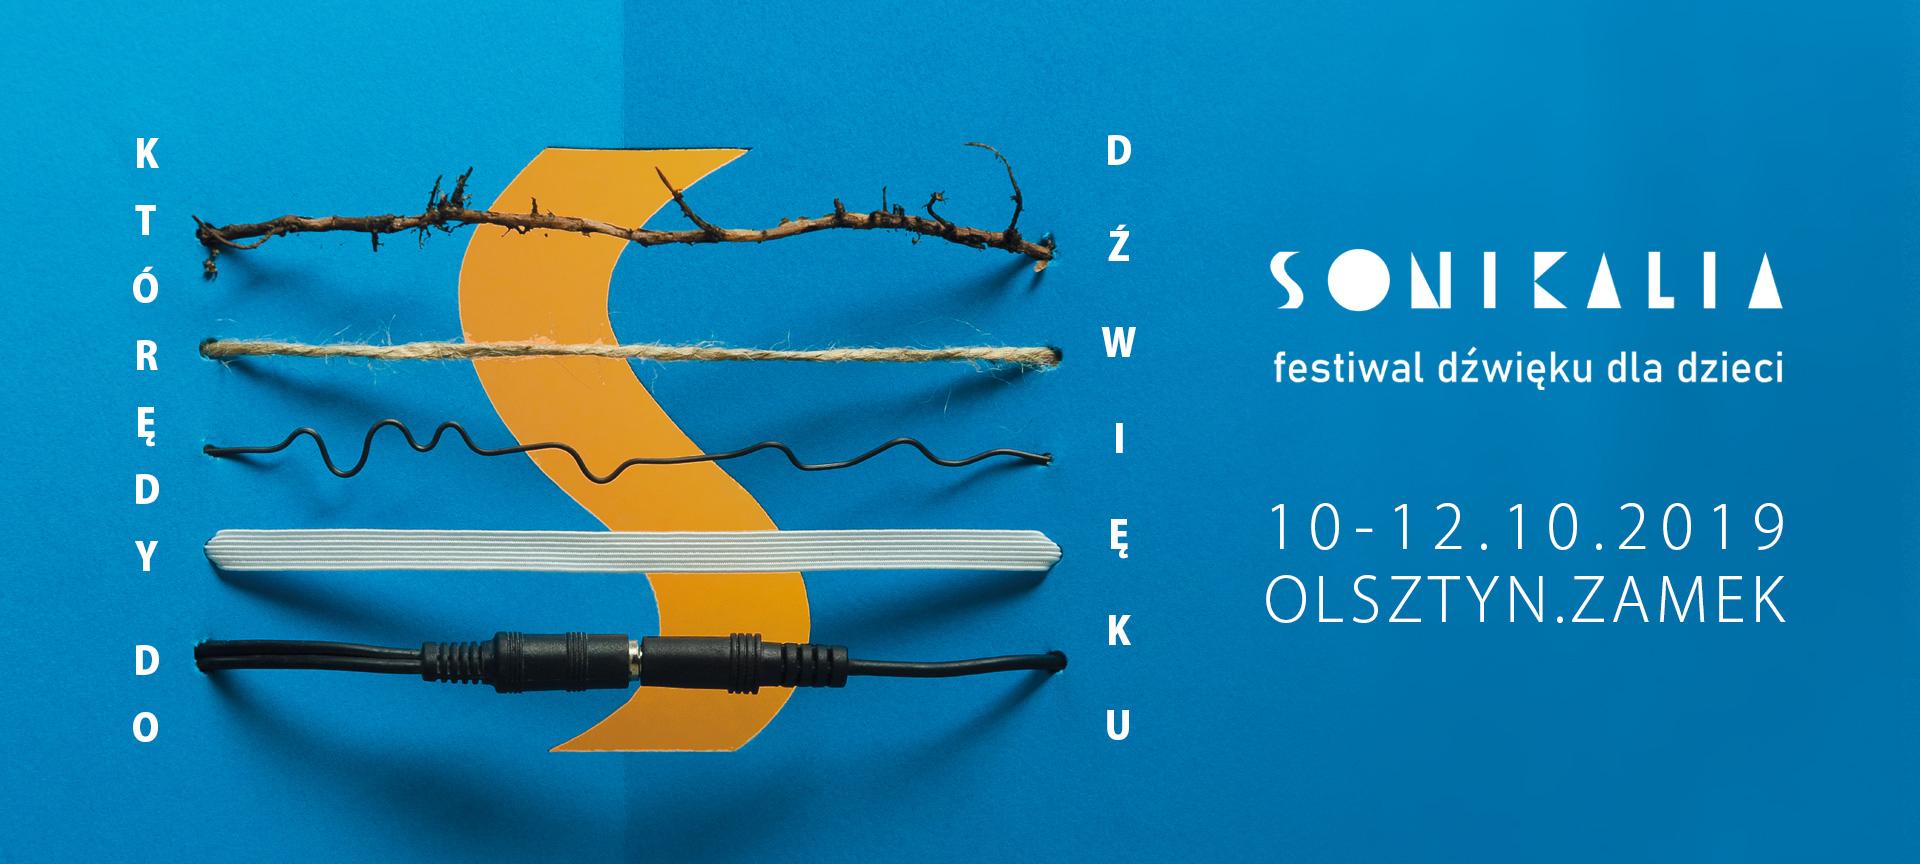 SONIKALIA festiwal dźwięku dla dzieci